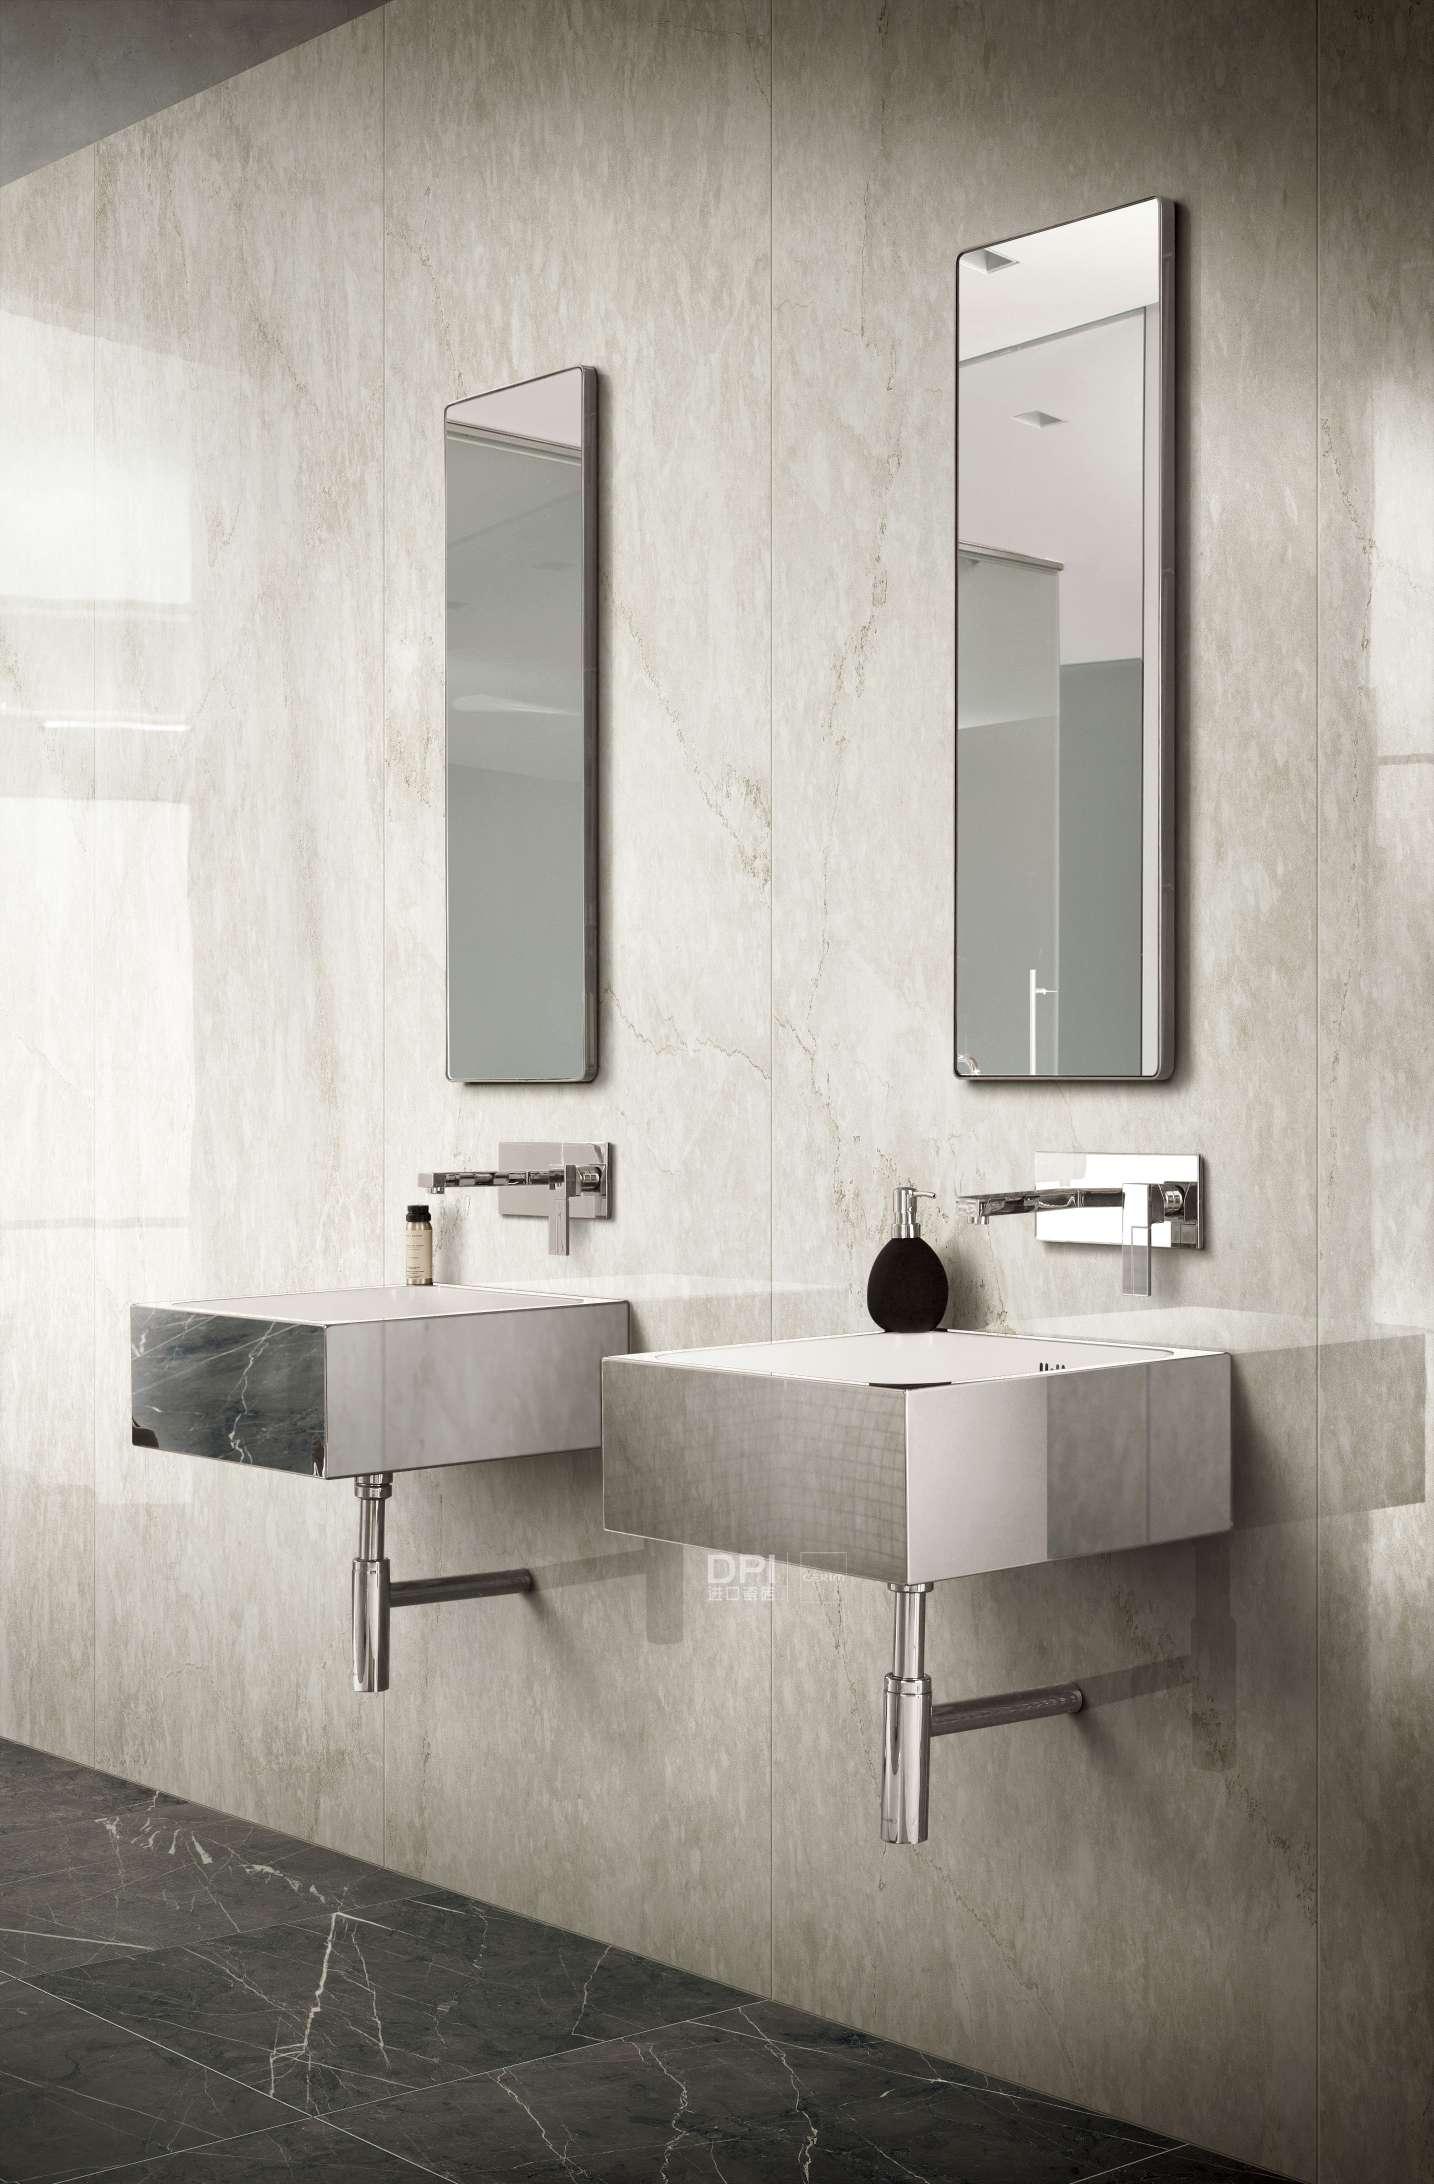 东鹏瓷砖  卫生间瓷砖 厨卫墙砖 墙面砖 经典帝王石薄板 800*2400